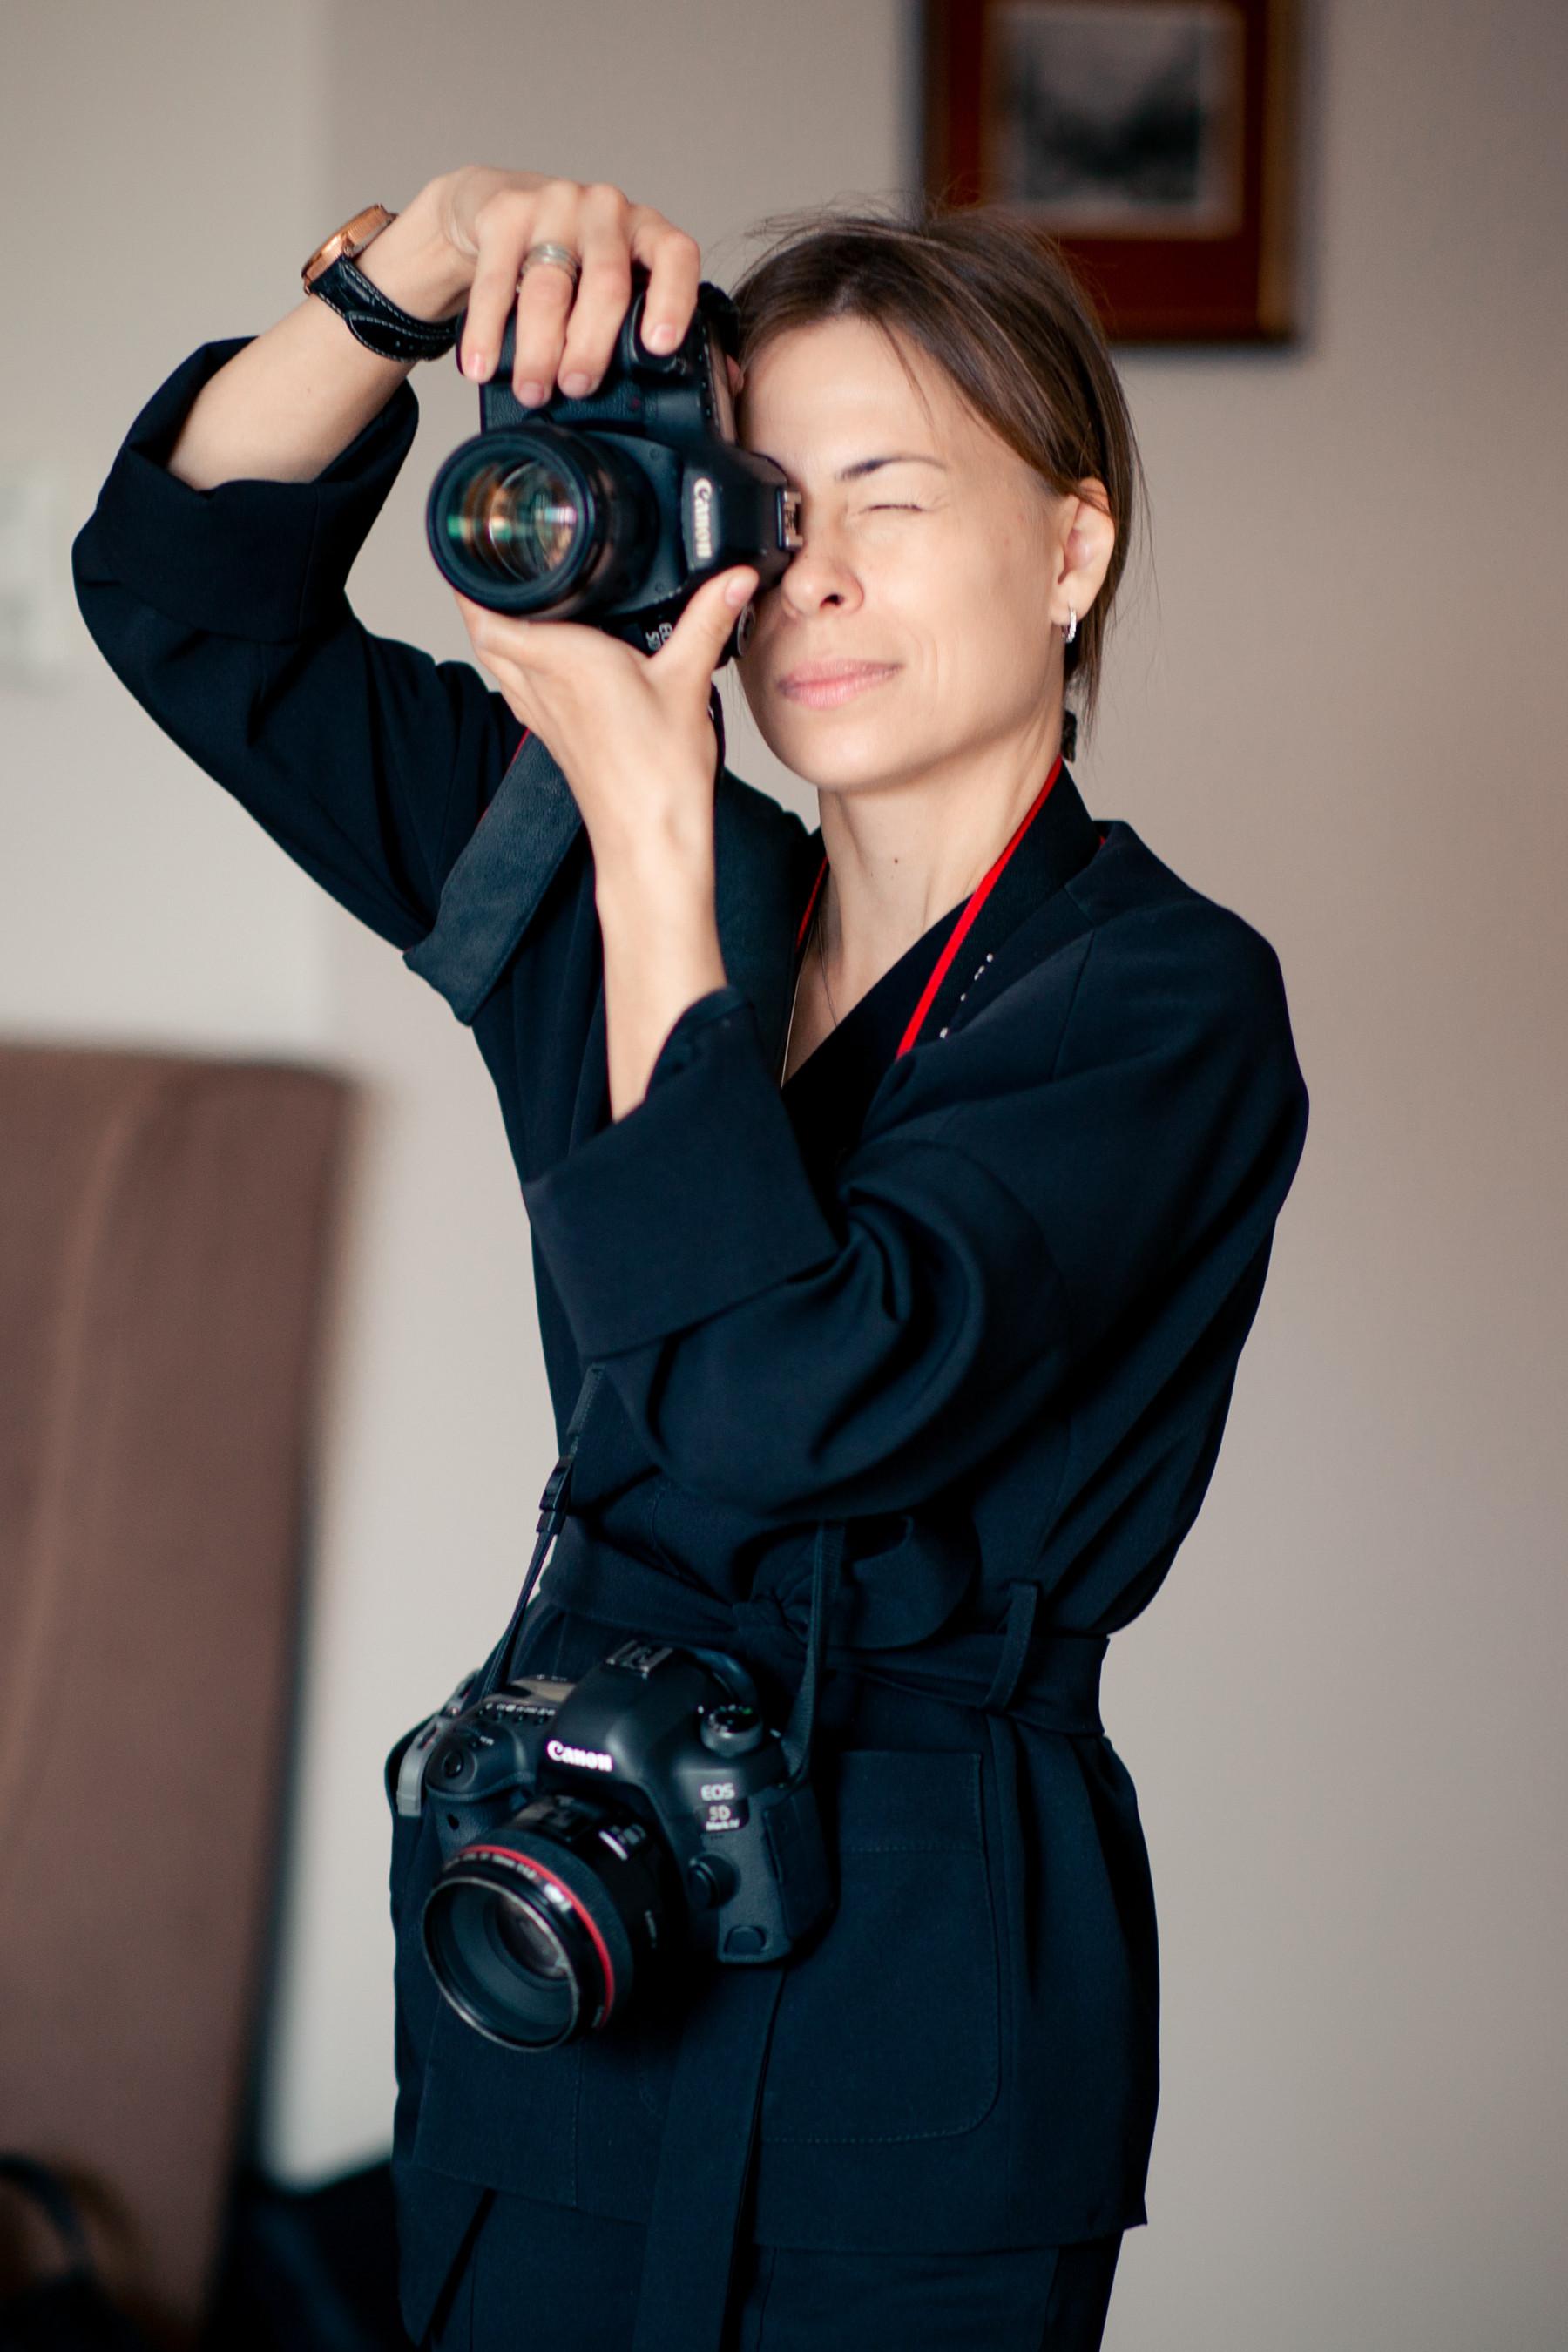 Фотограф Наталья Легенда о том, как создаётся